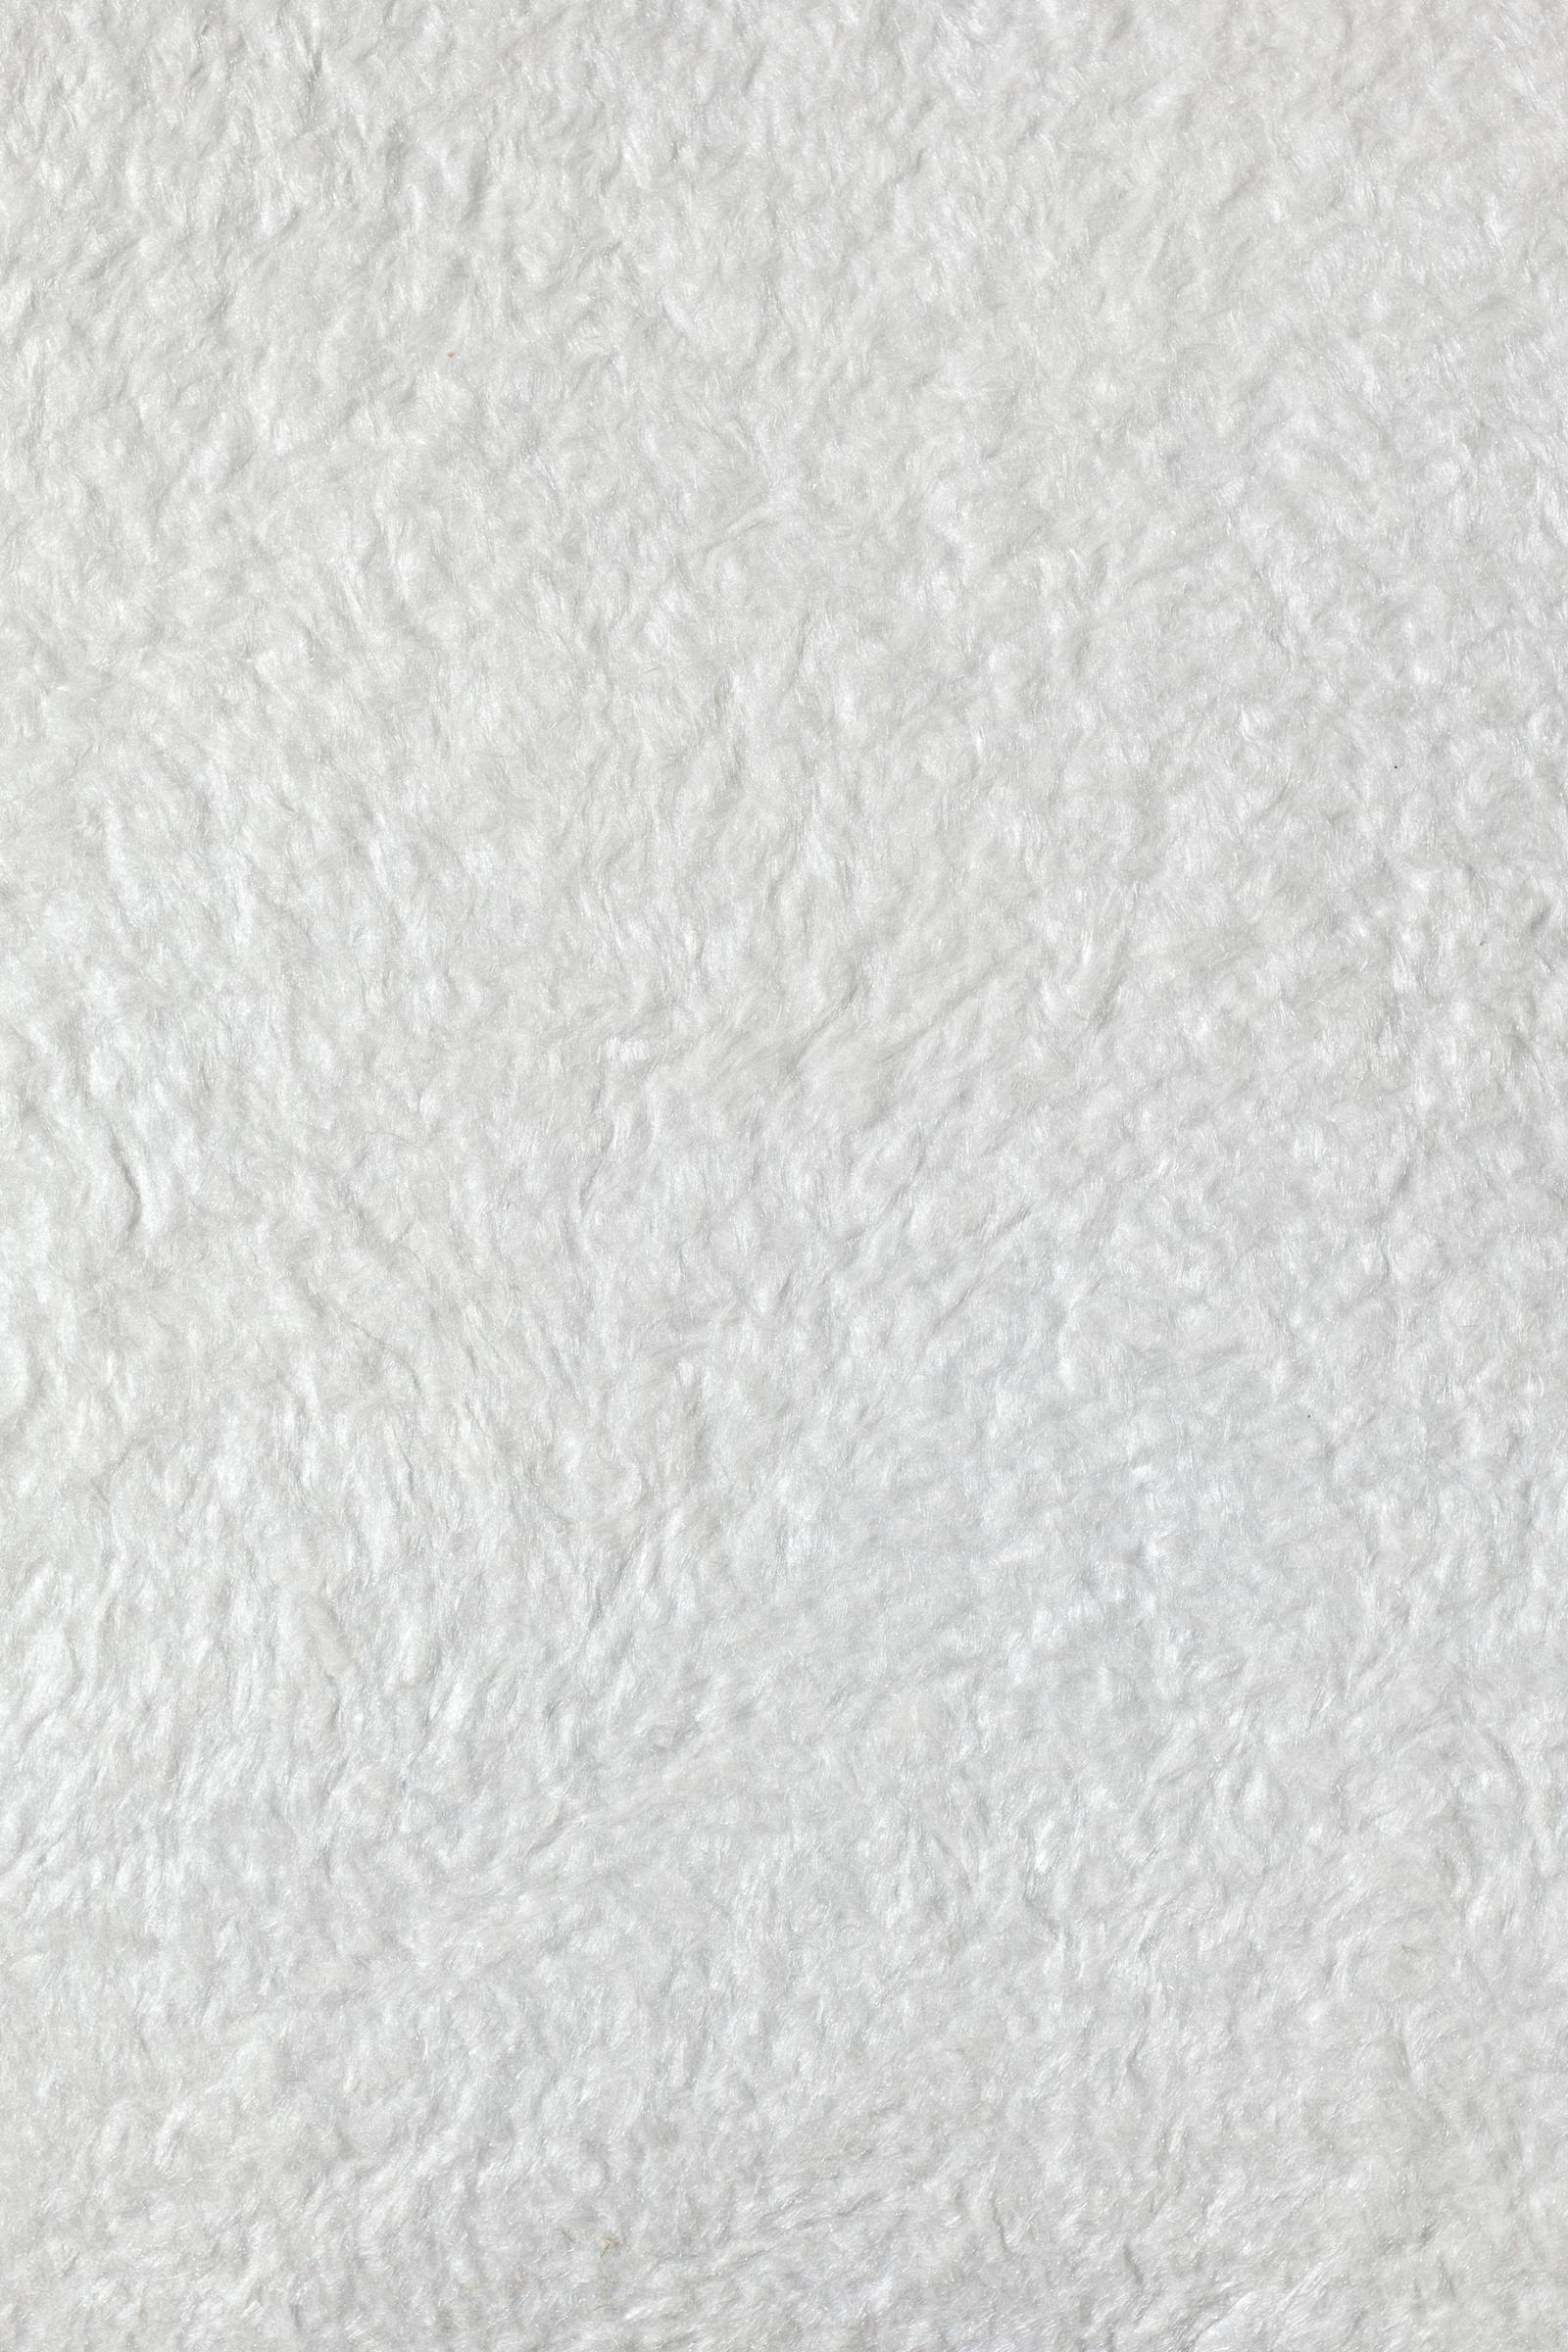 Жидкие обои SILK PLASTER Арт Дизайн 253 белый блестящий 1кг